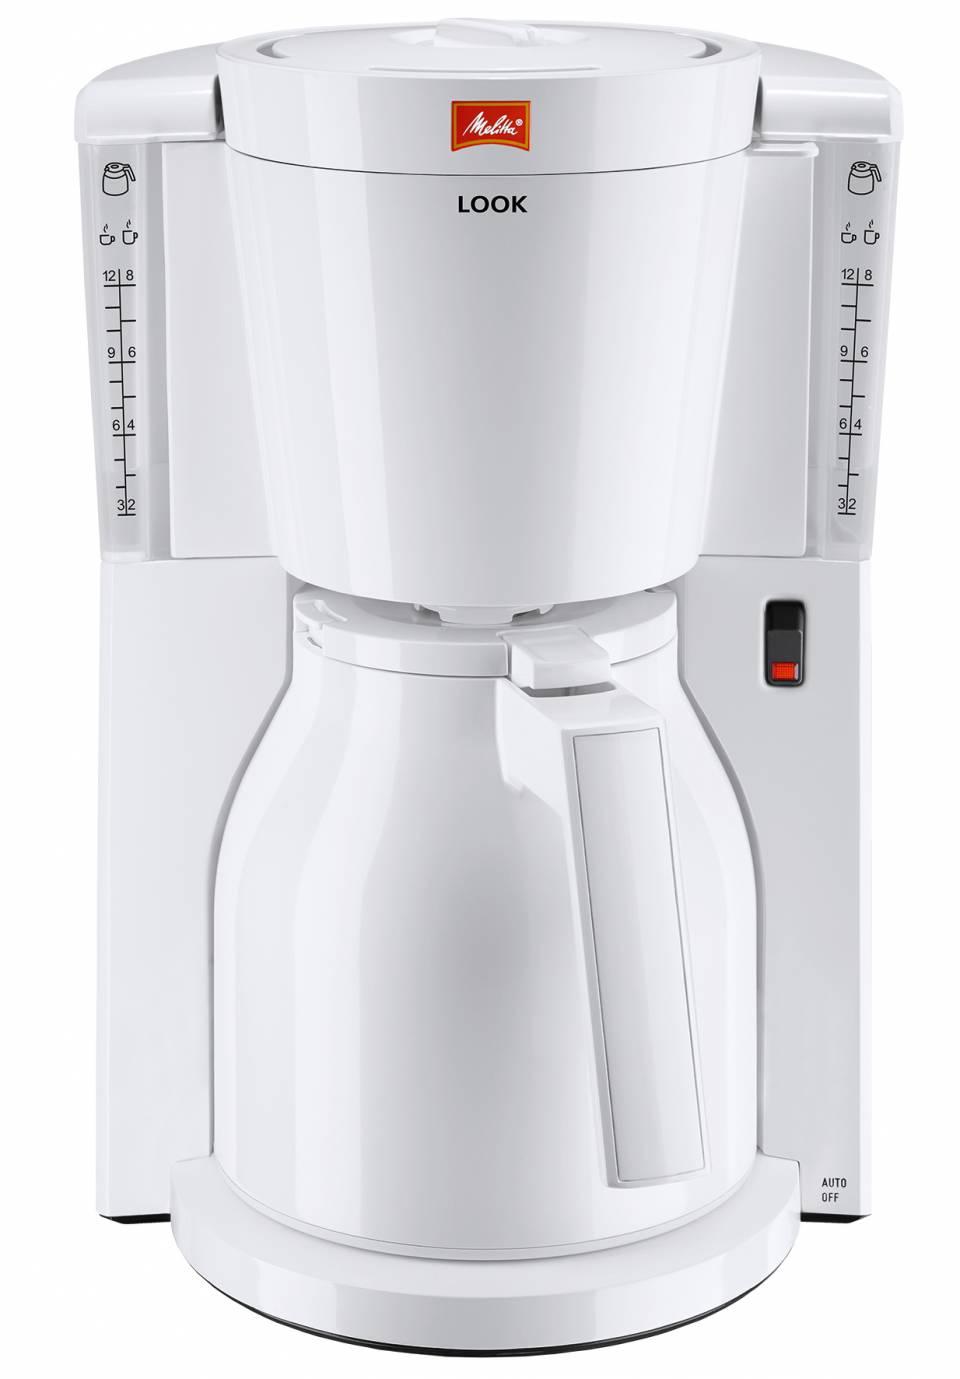 Melitta Kaffeemaschine Look Therm mit Thermokanne aus Kunststoff